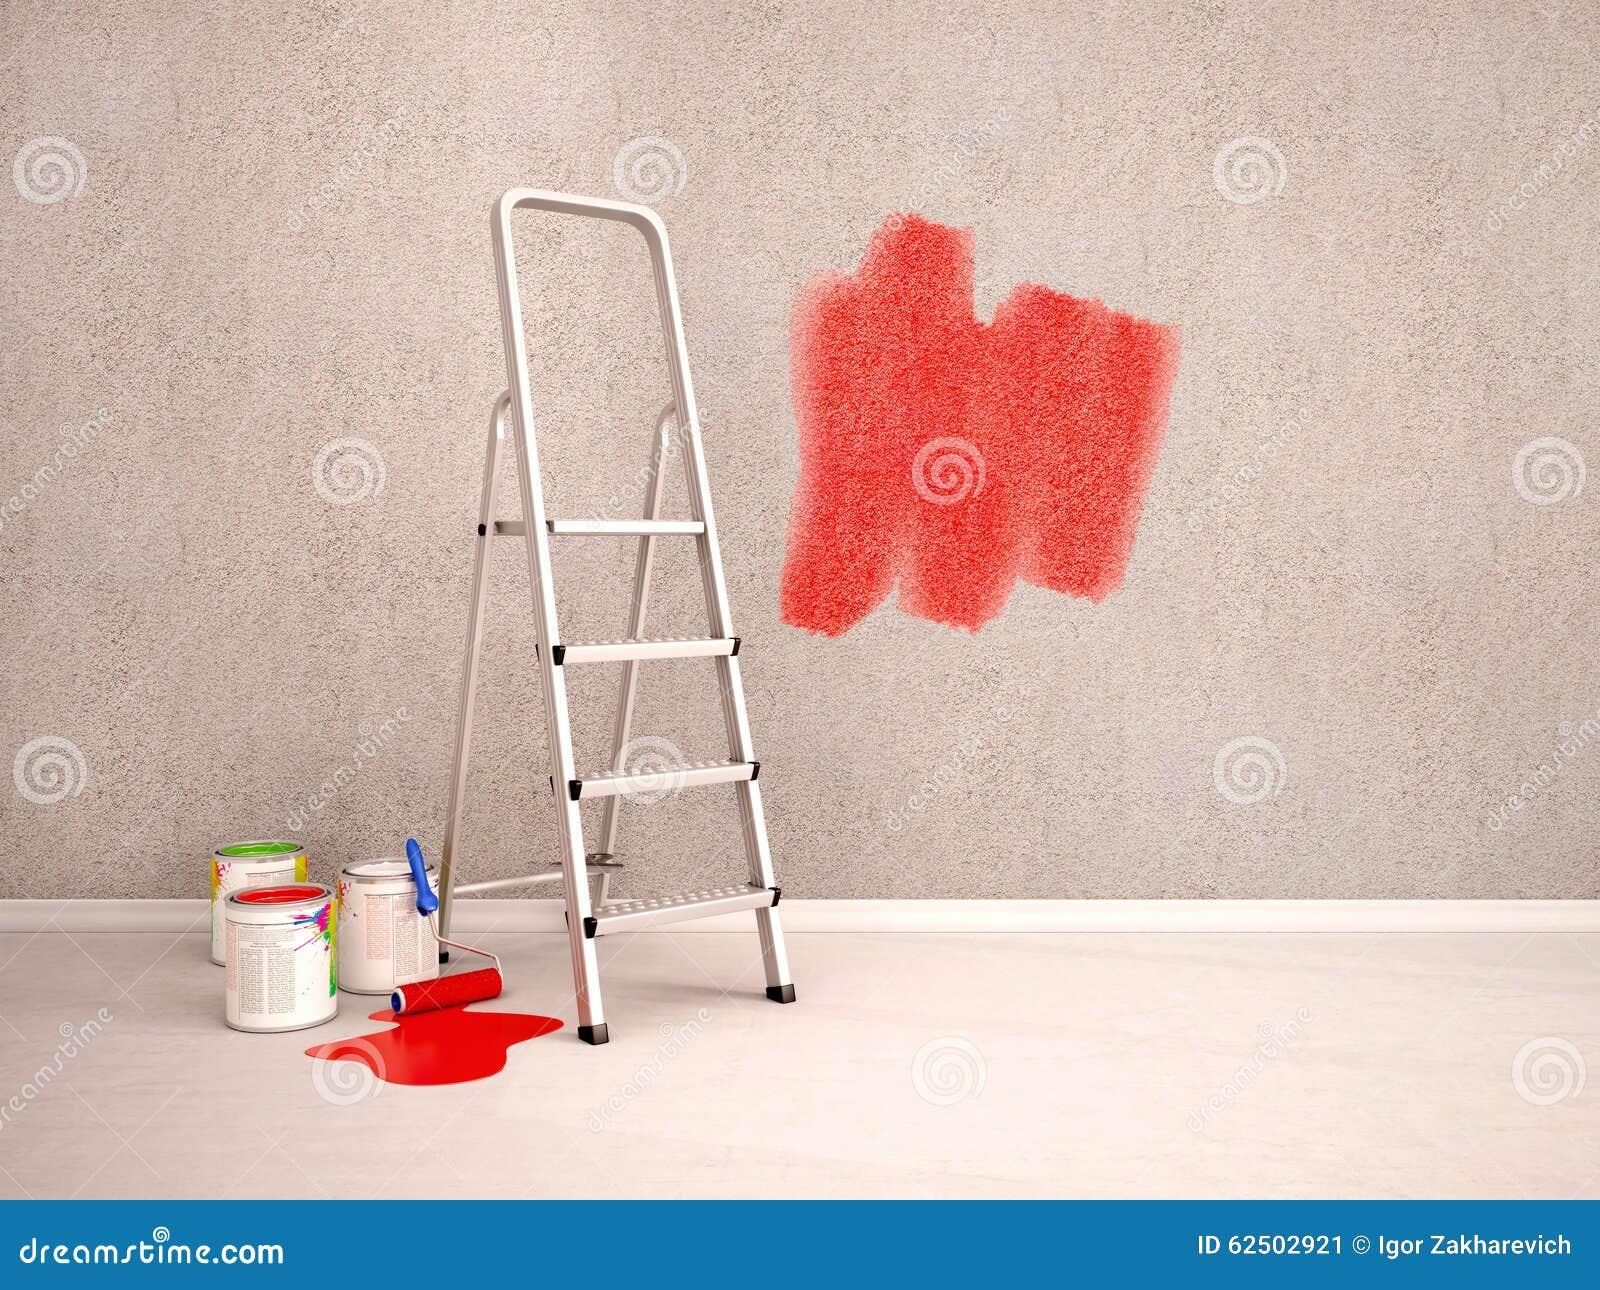 Colori Vernici Pareti: Pittura per pareti colore diverso ...